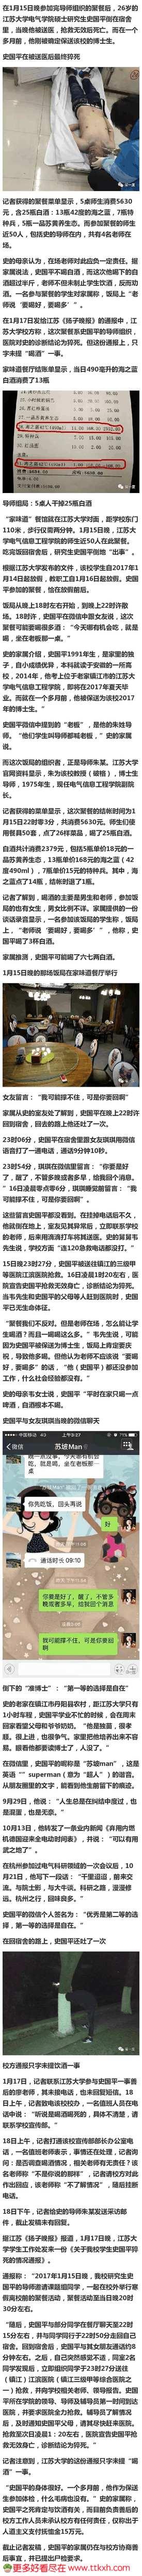 准博士在导师饭局后猝死:5桌师生干掉25瓶白酒